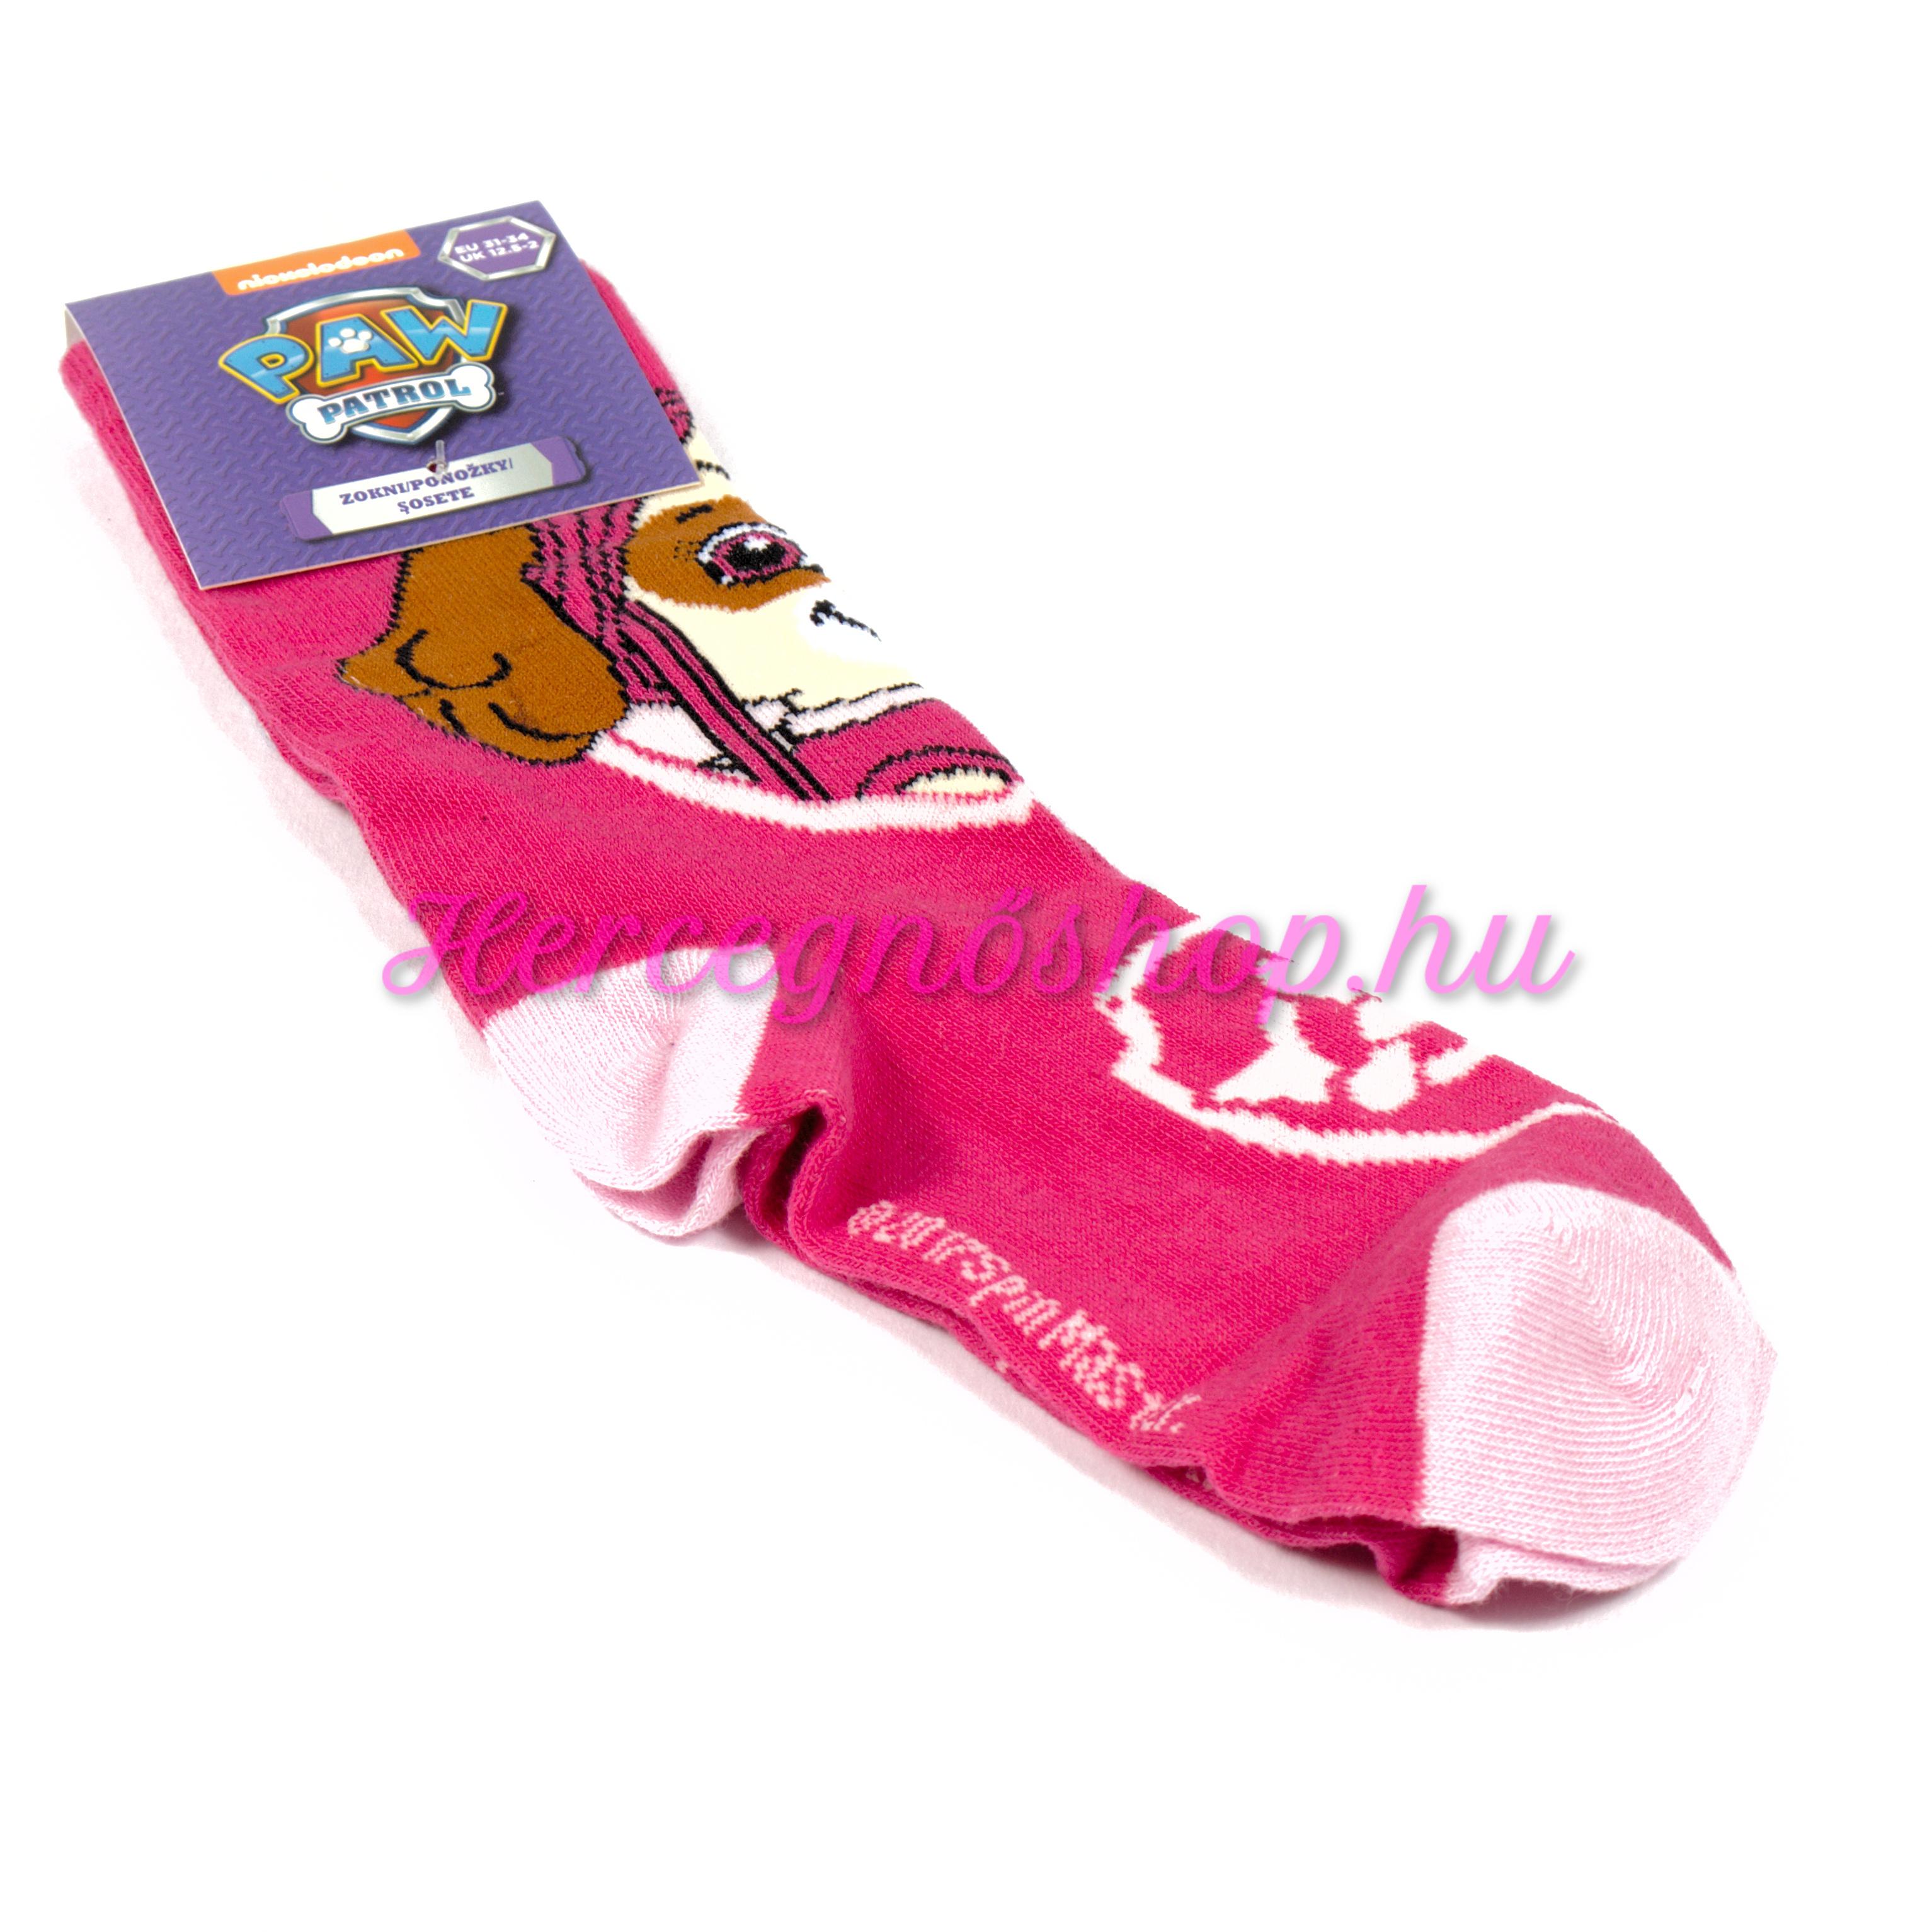 Mancs őrjárat zokni – sötét rózsaszín (Paw Patrol)